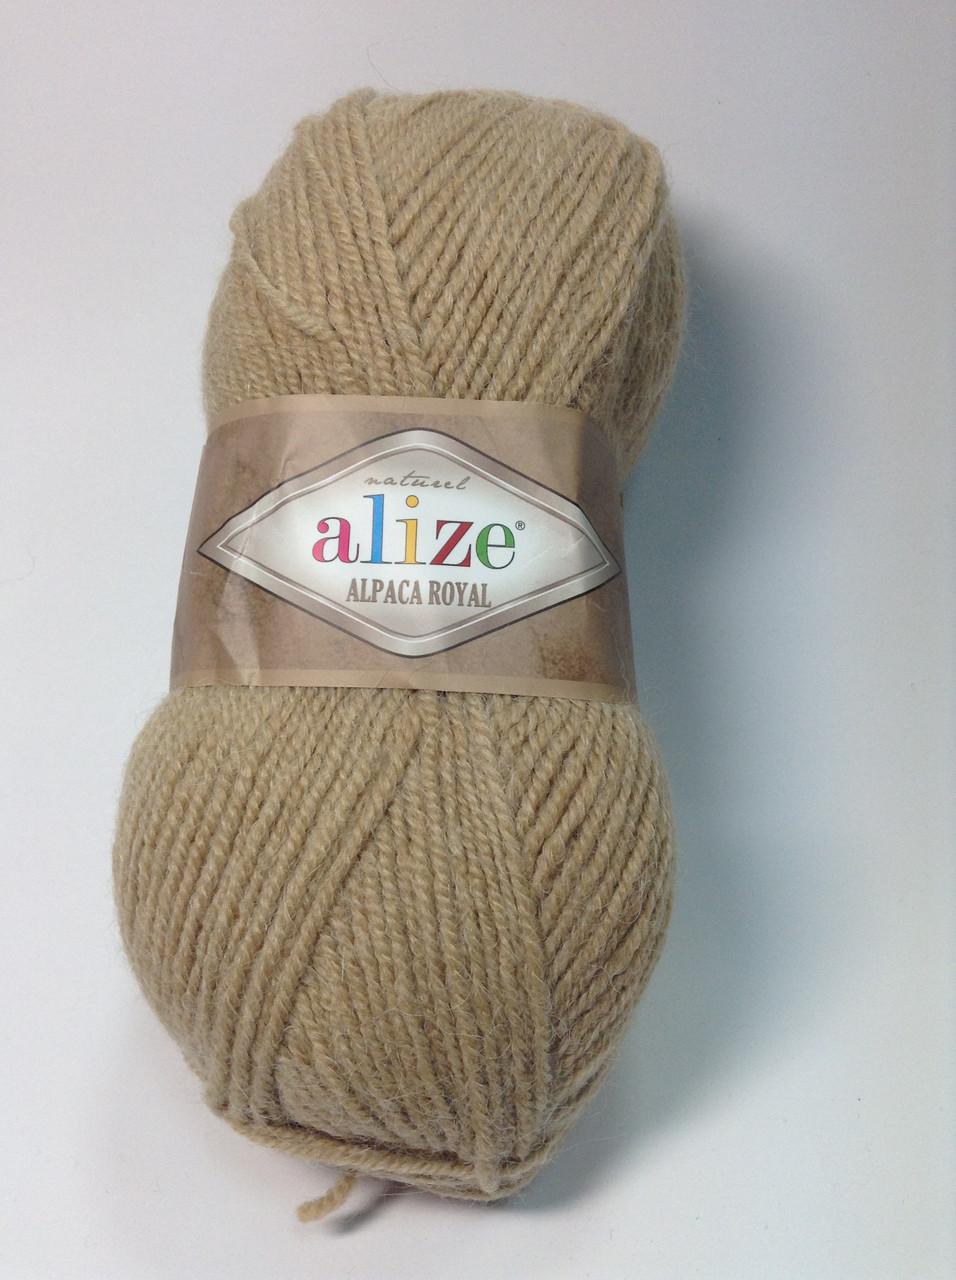 Пряжа alpaca royal - колір світло-бежевий